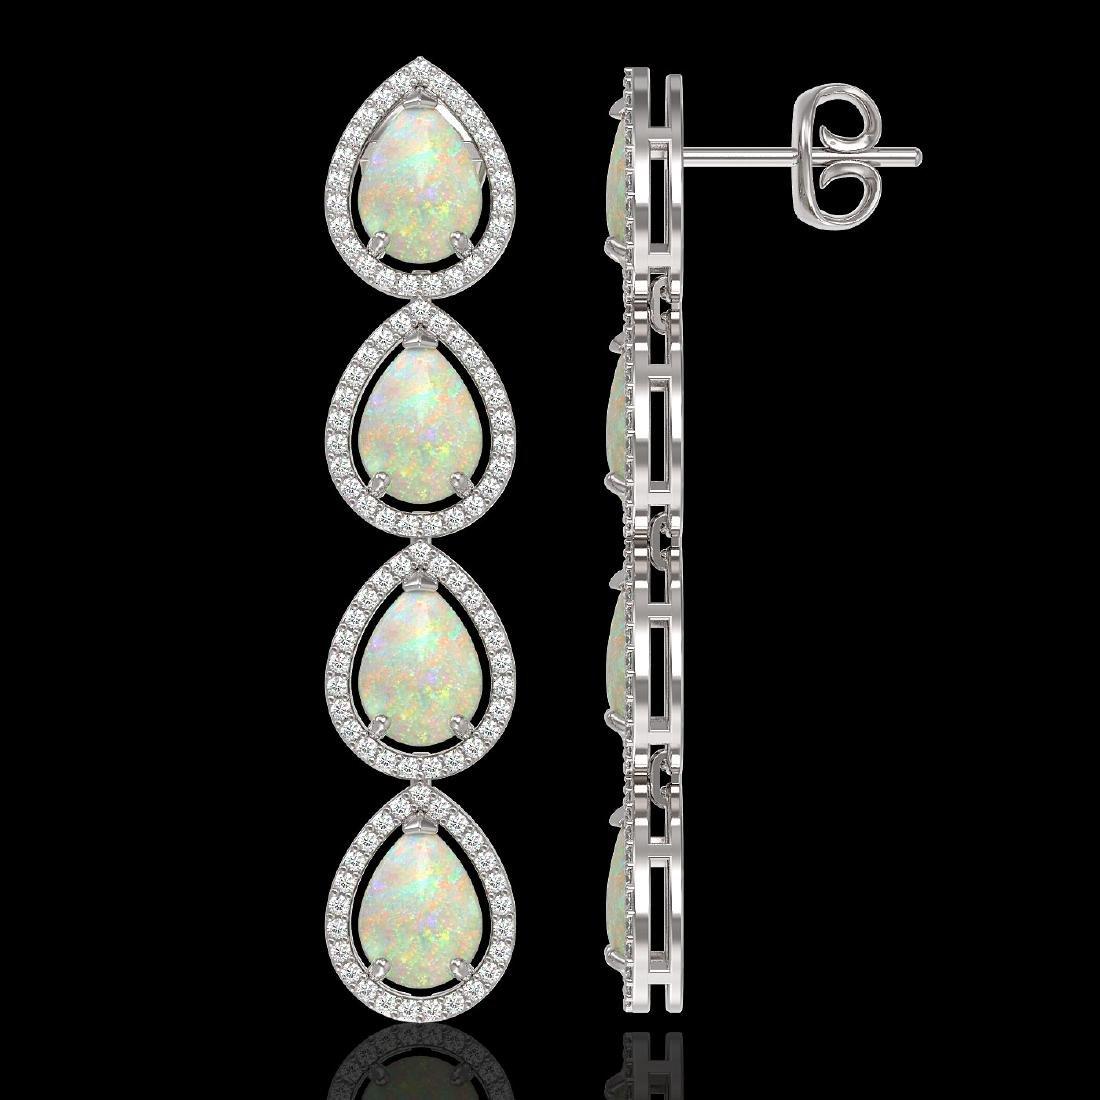 9.12 CTW Opal & Diamond Halo Earrings 10K White Gold - 2